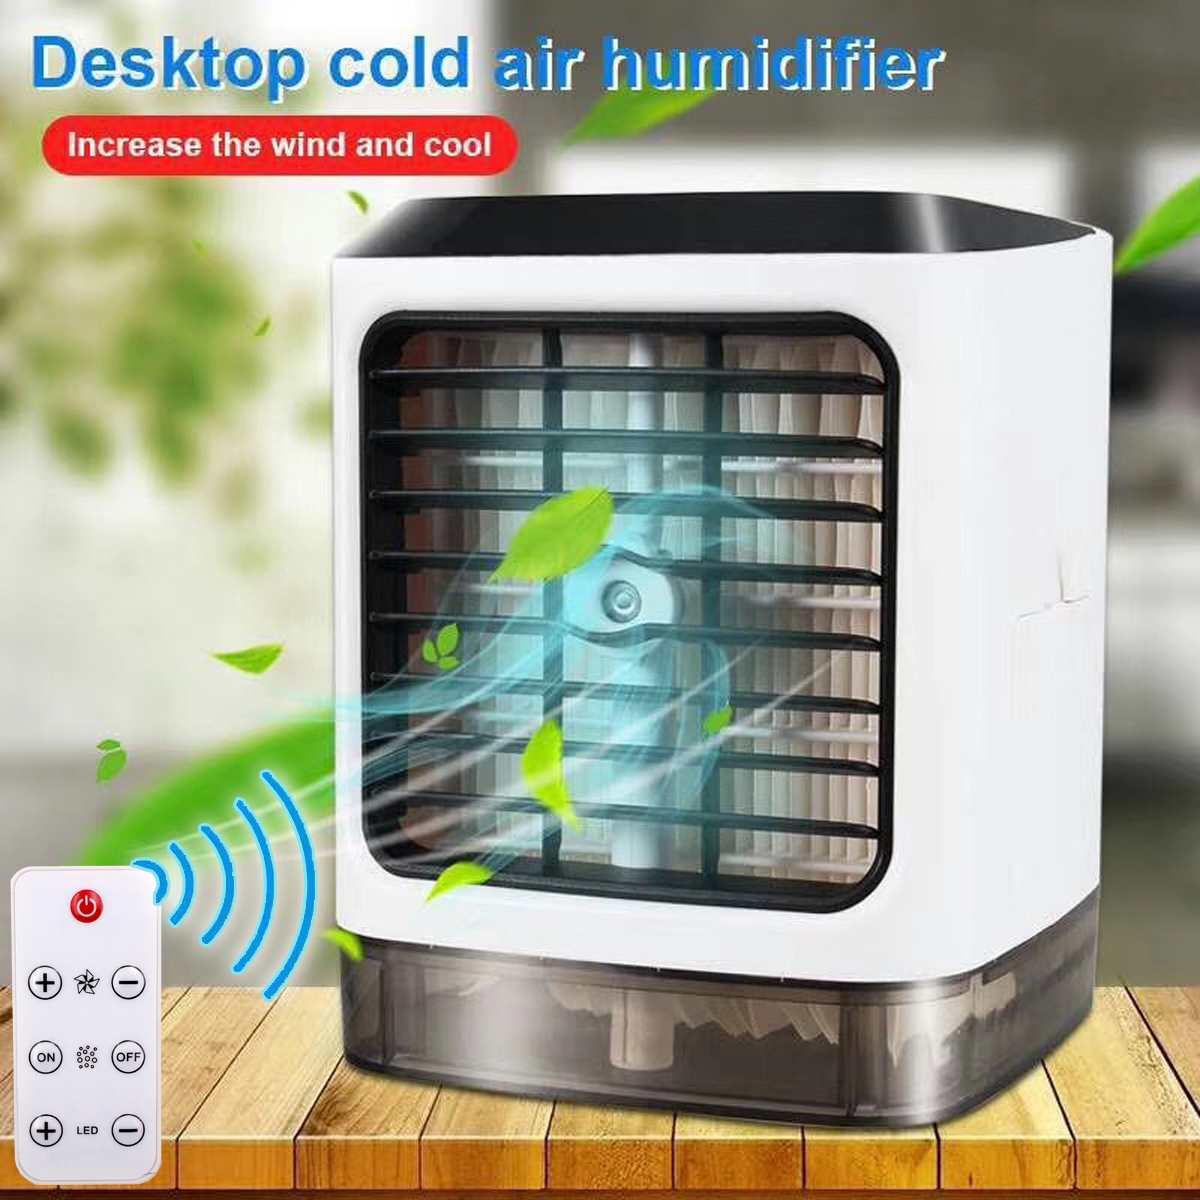 Avec télécommande interface Usb refroidisseur d'air Portable Mini ventilateur evapolar humidificateur Portable 3 vitesses à distance pour bureau maison